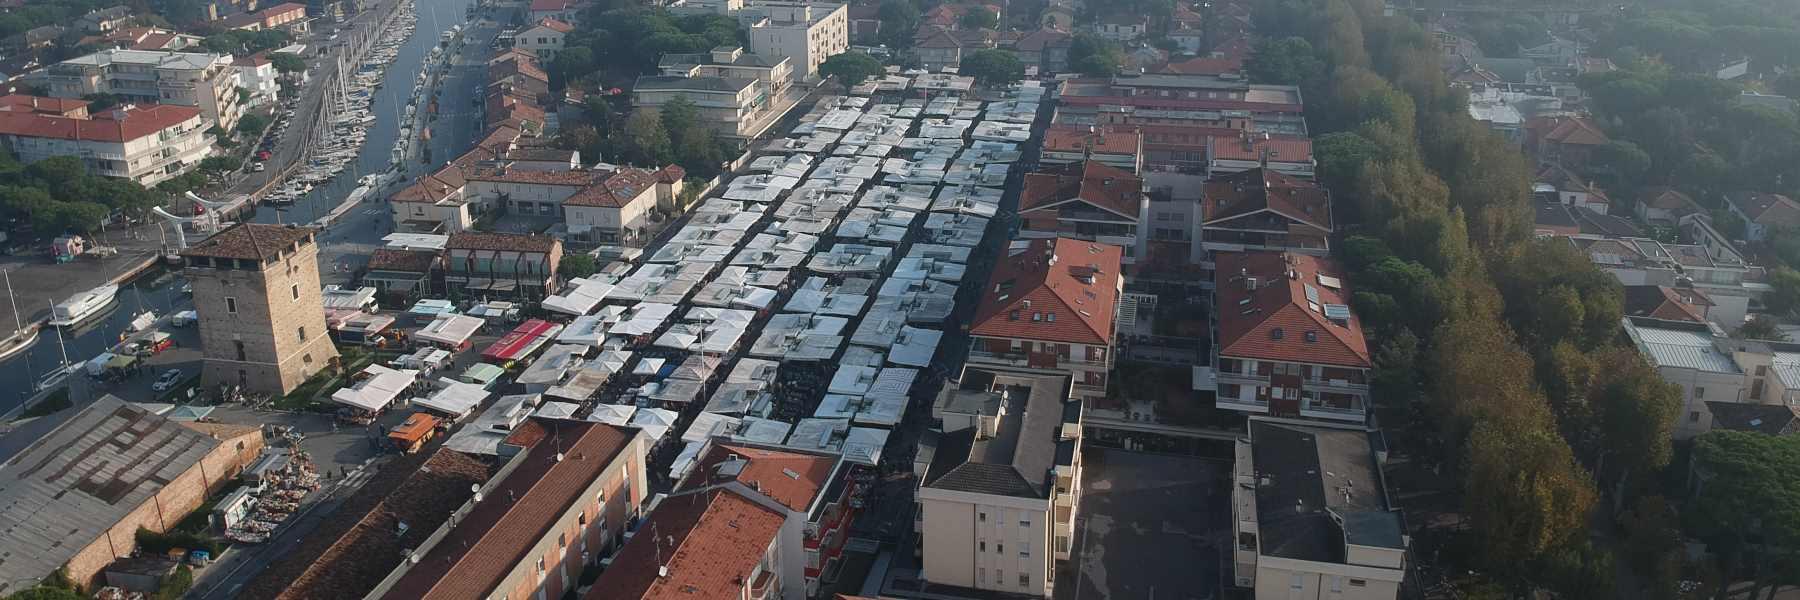 Piazza Andrea Costa Square